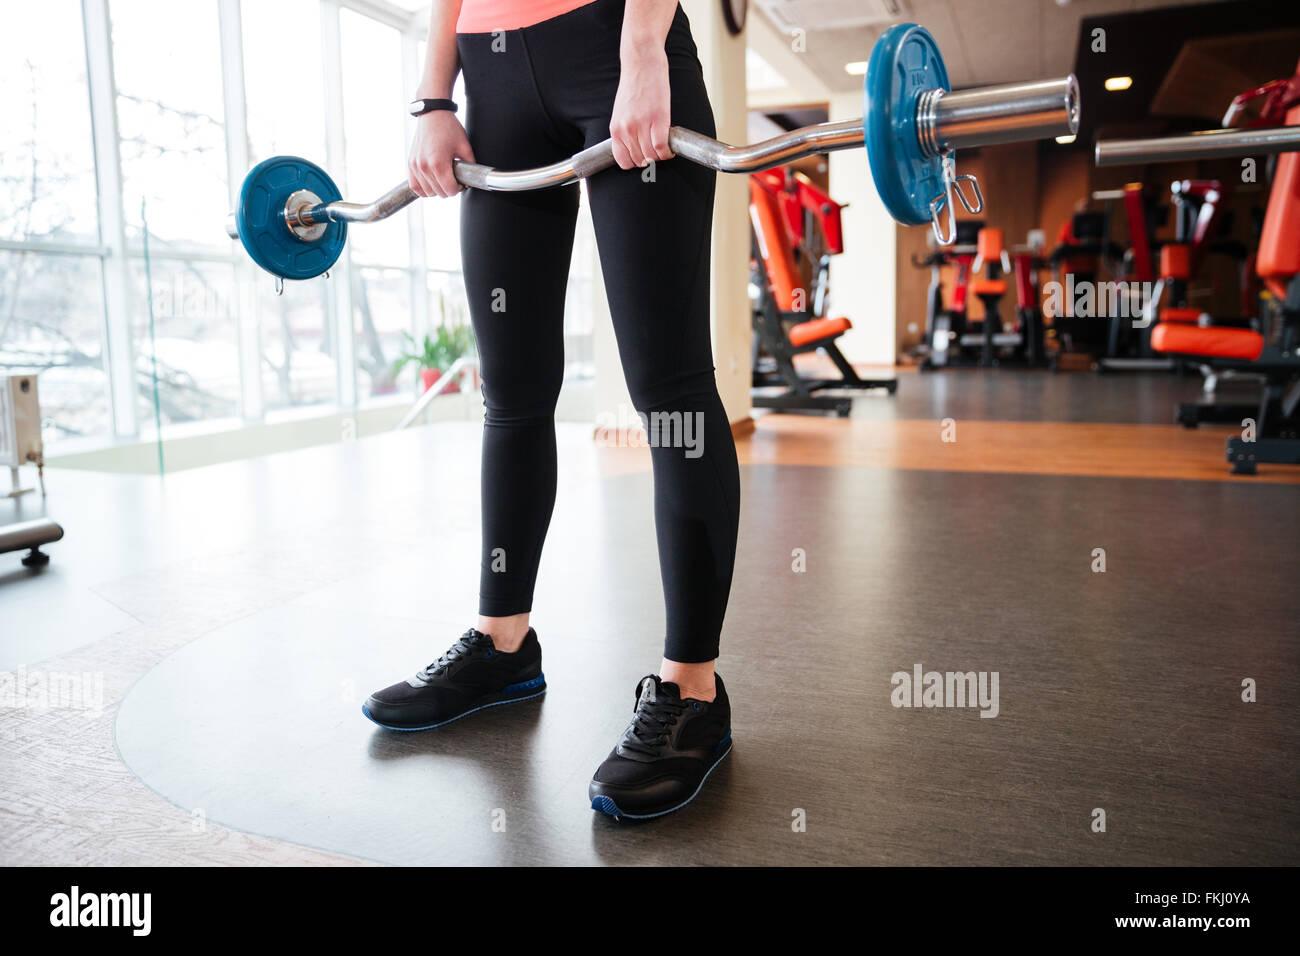 Primer plano de las piernas de la joven atleta de pie y ejerciendo con barbell en gimnasio Imagen De Stock